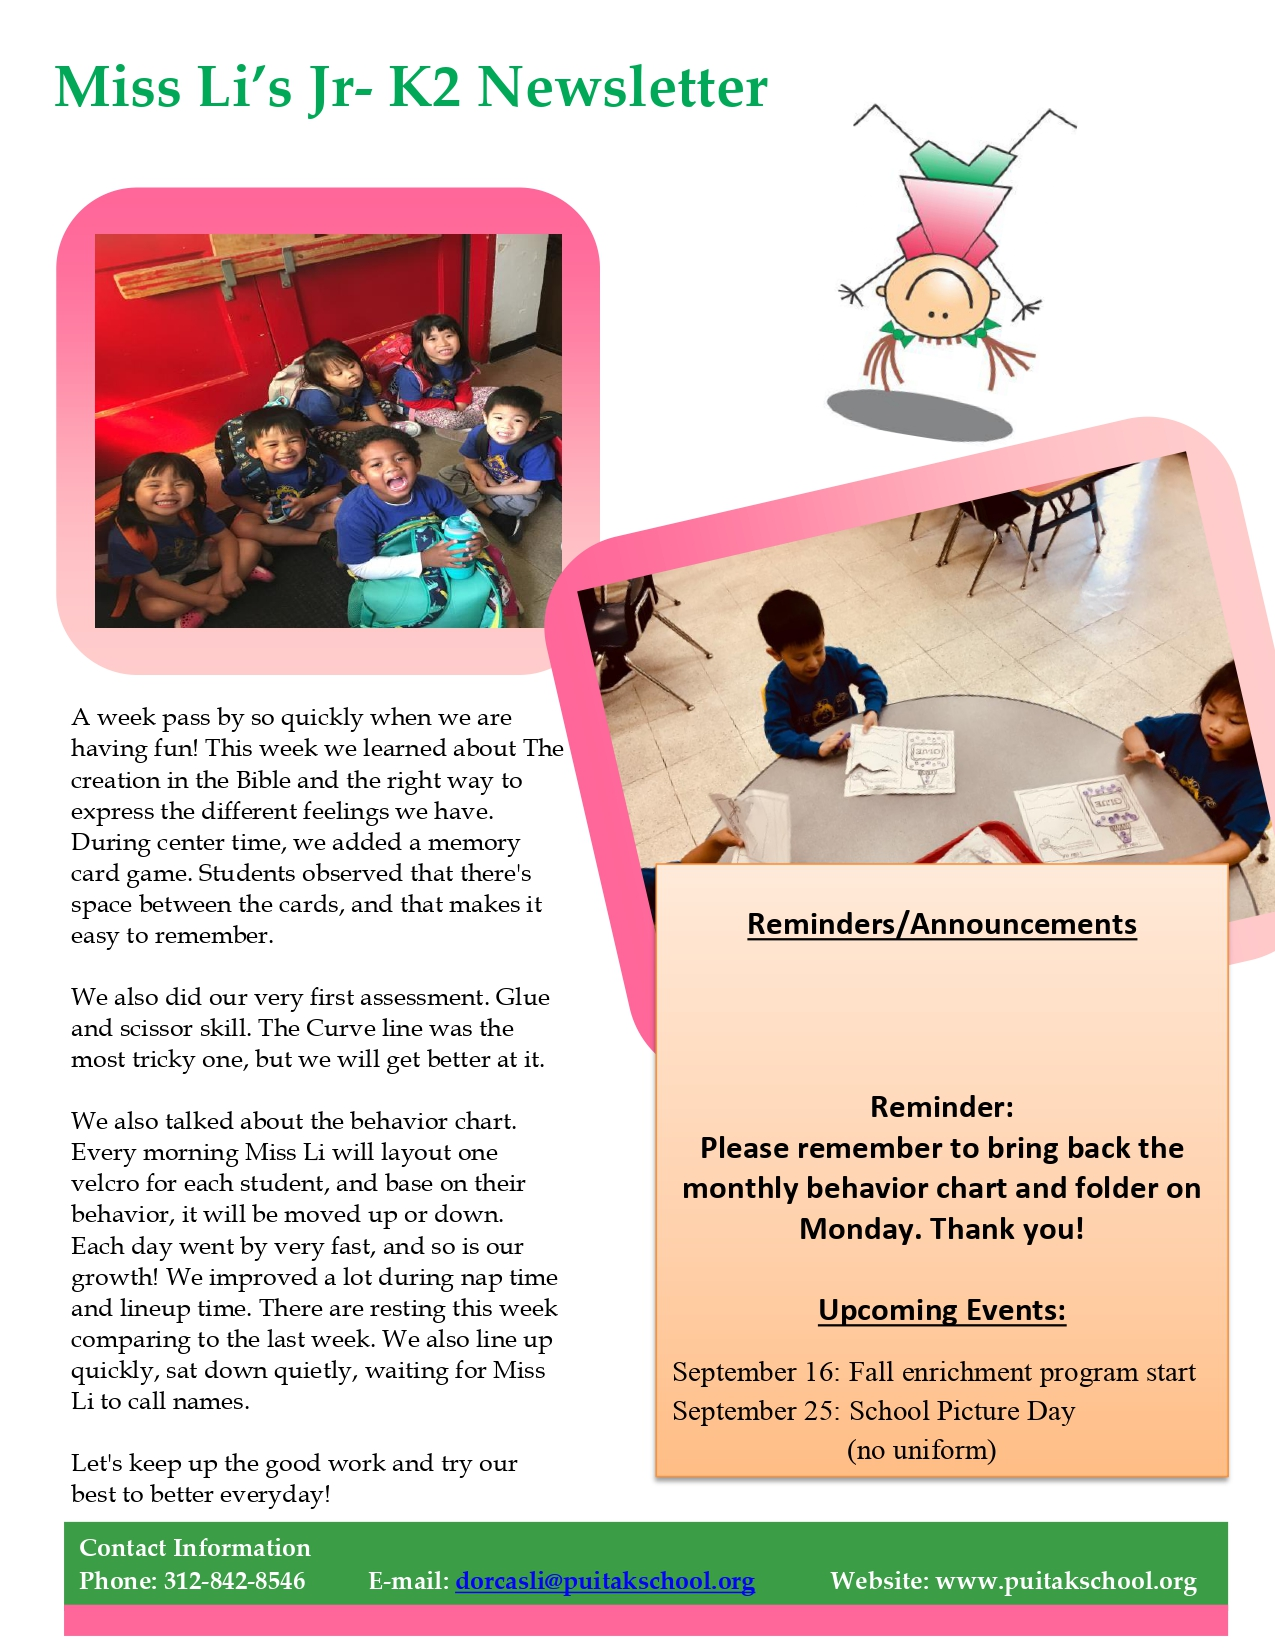 DorcasNewletter2019September2ndweek_page